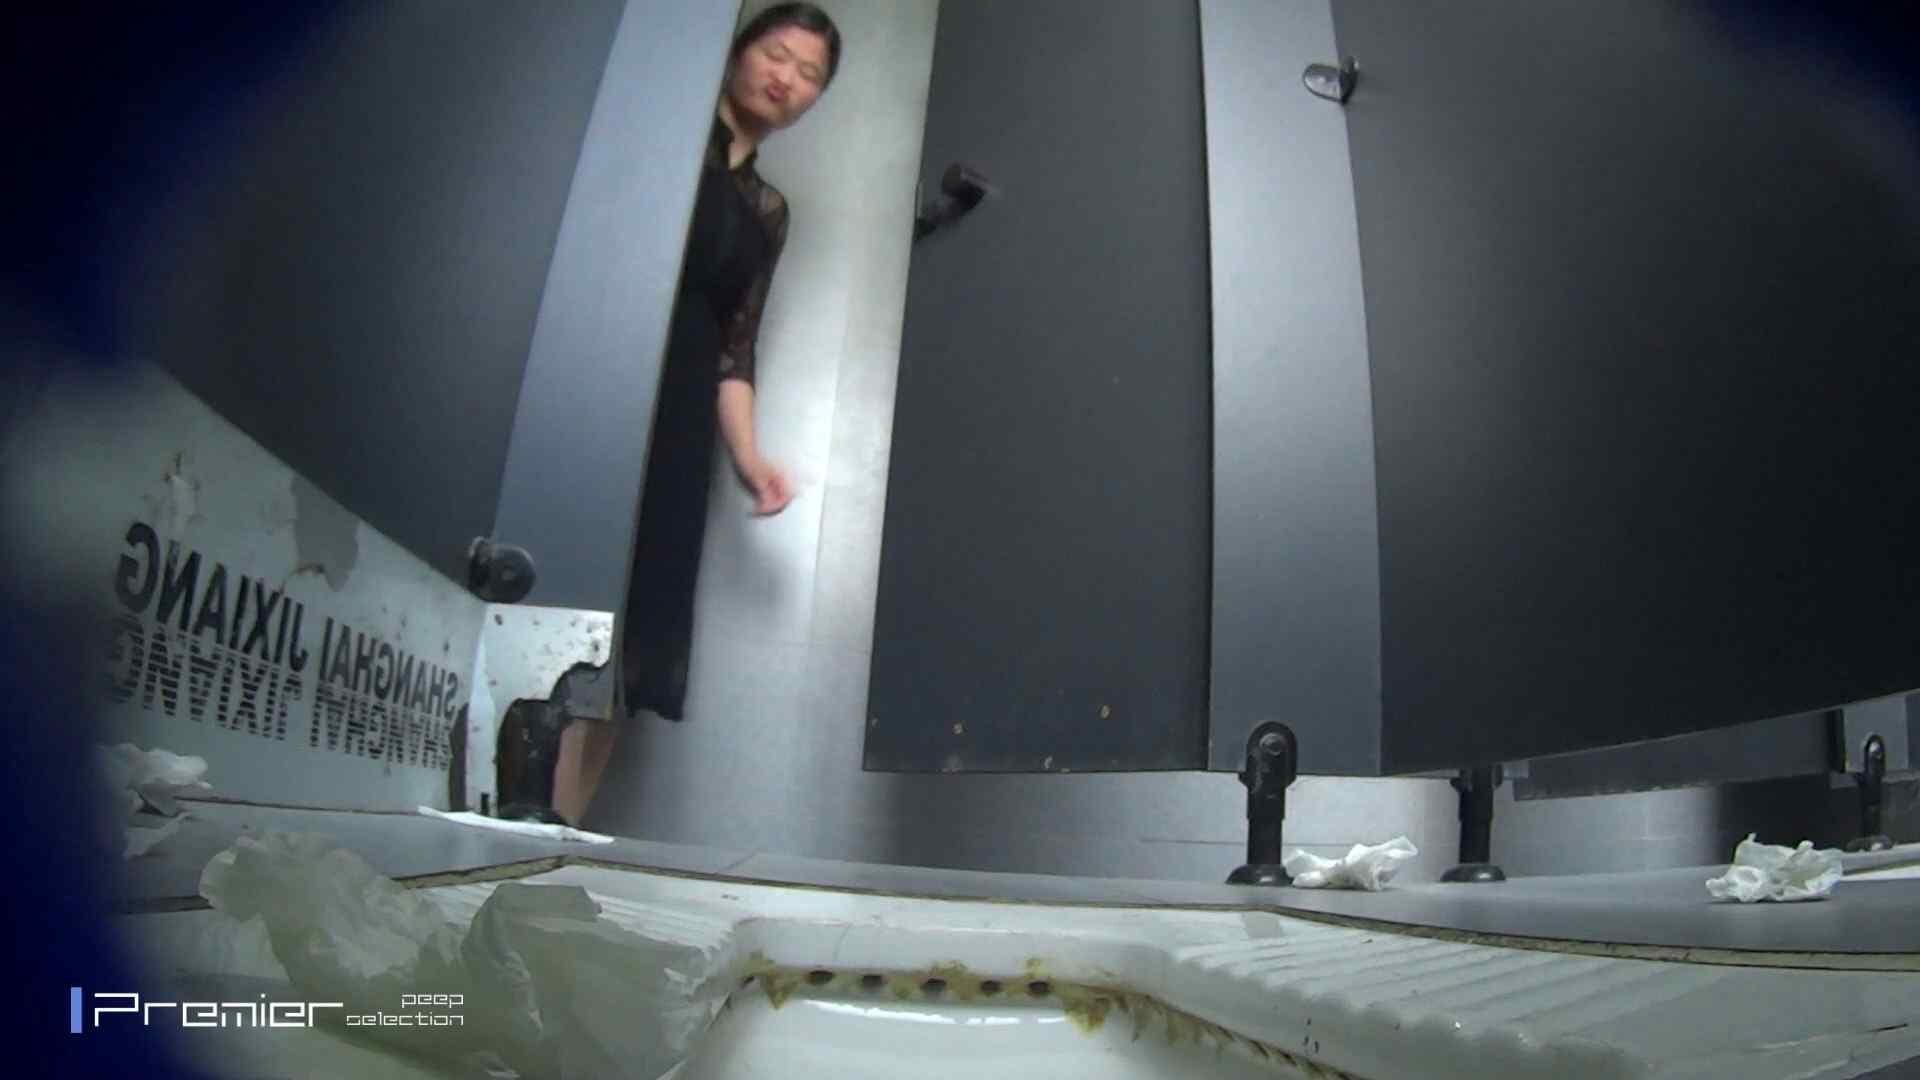 スキニージーンズの美女 大学休憩時間の洗面所事情56 盗撮映像  94Pix 56